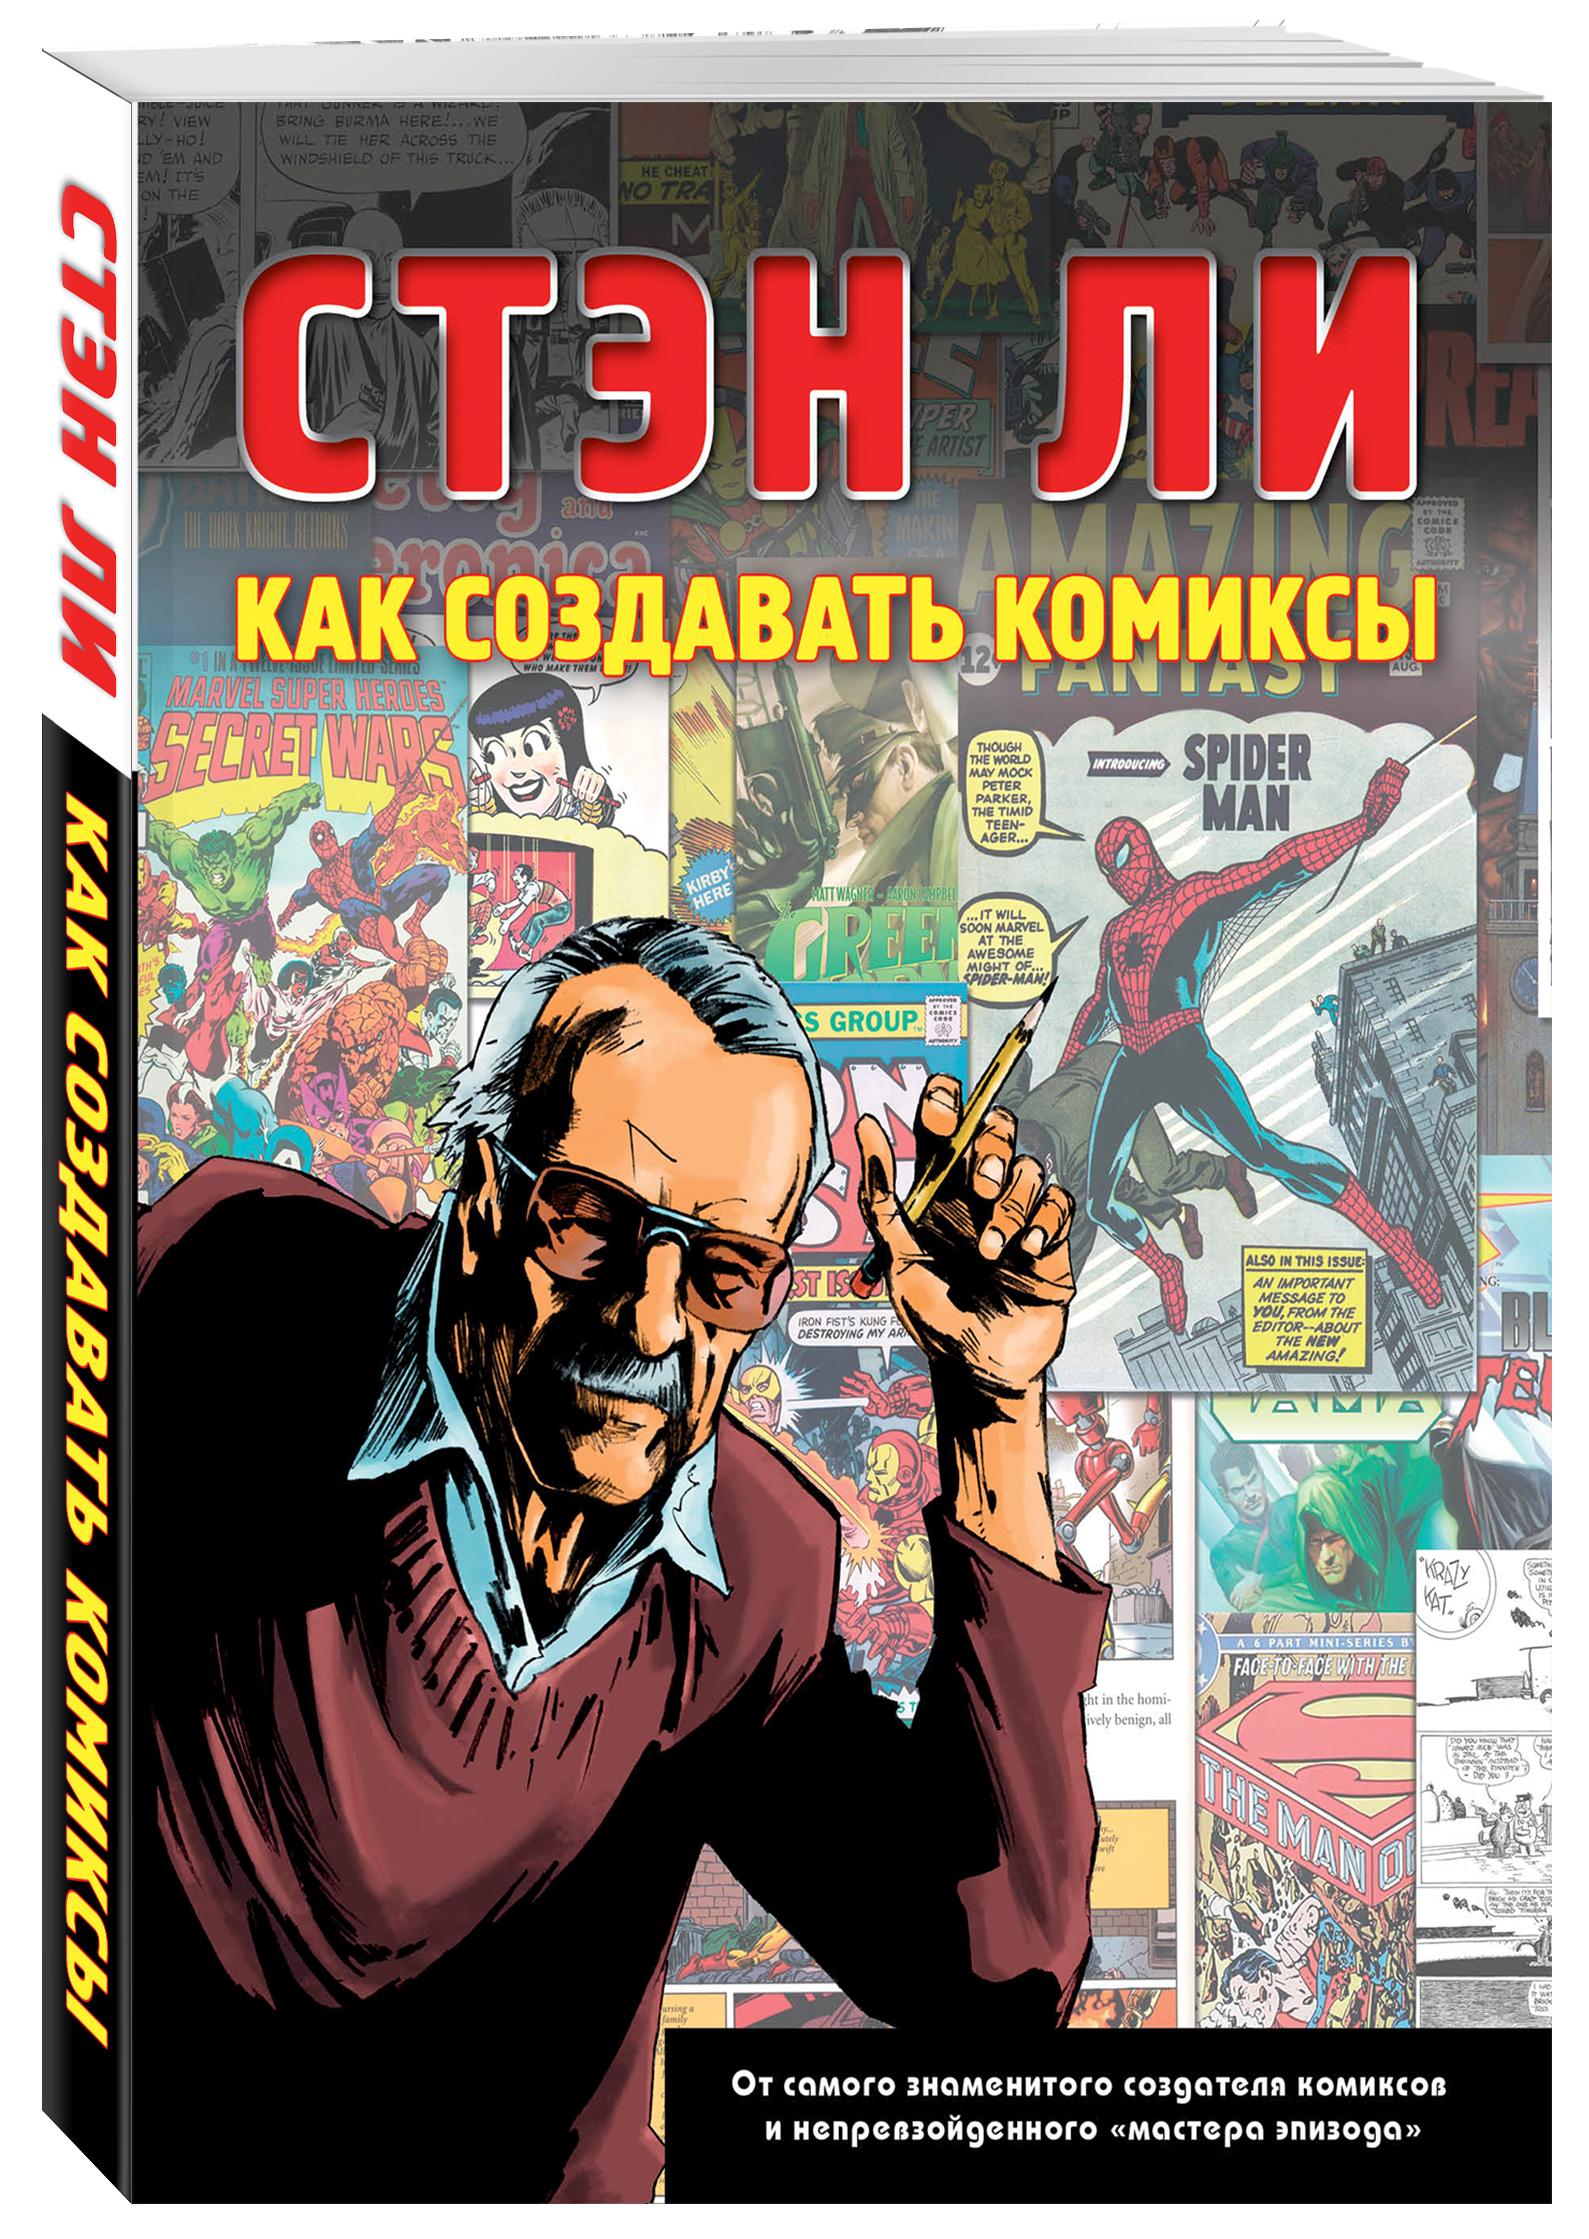 Ли С. Как создавать комиксы